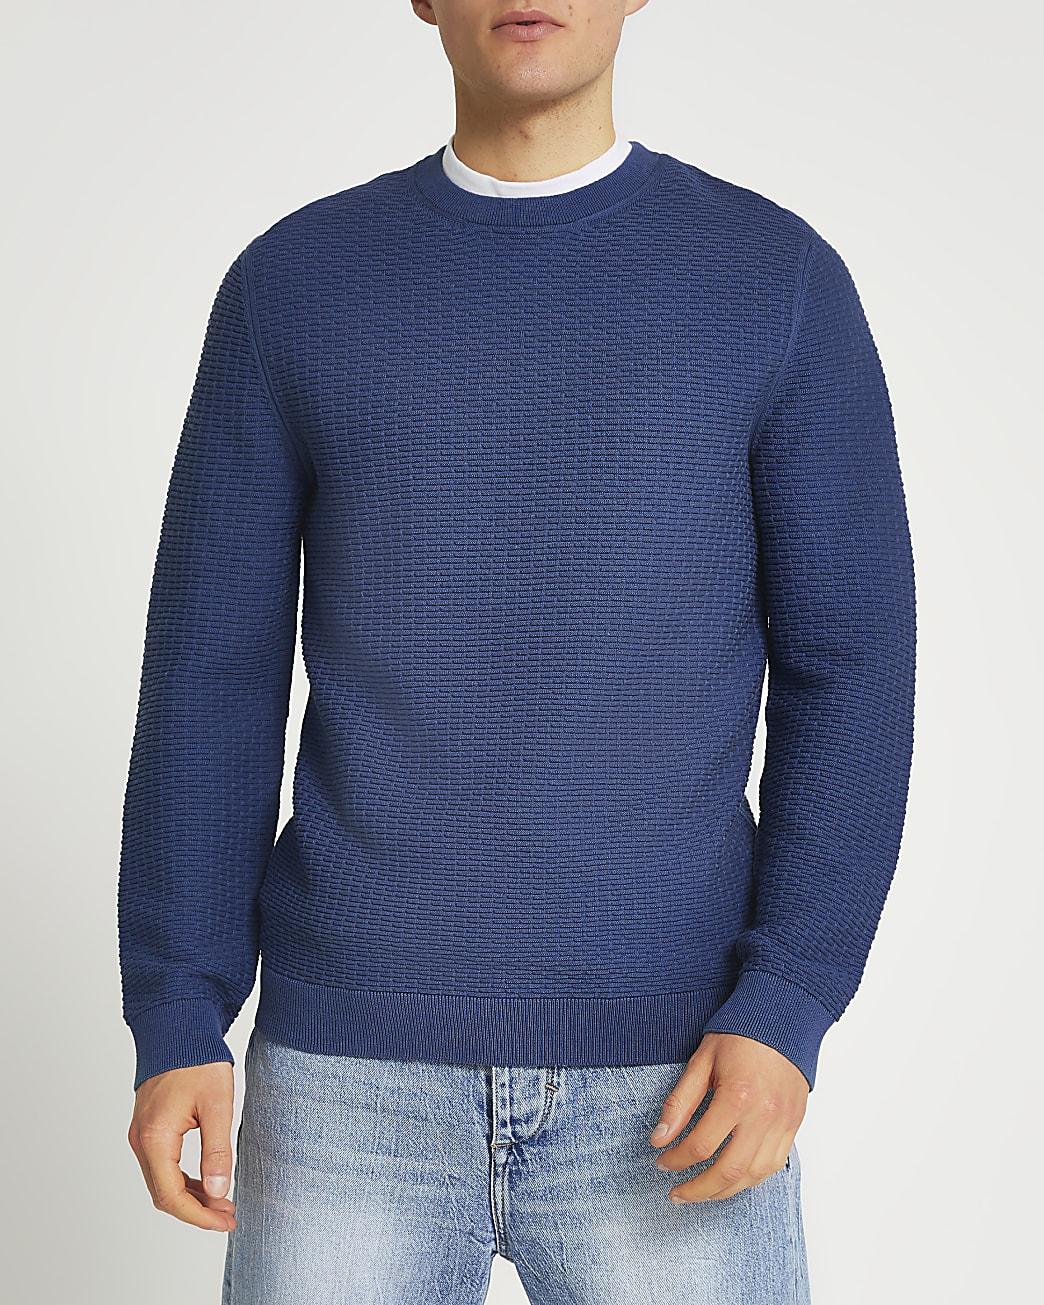 Blue textured crew neck jumper